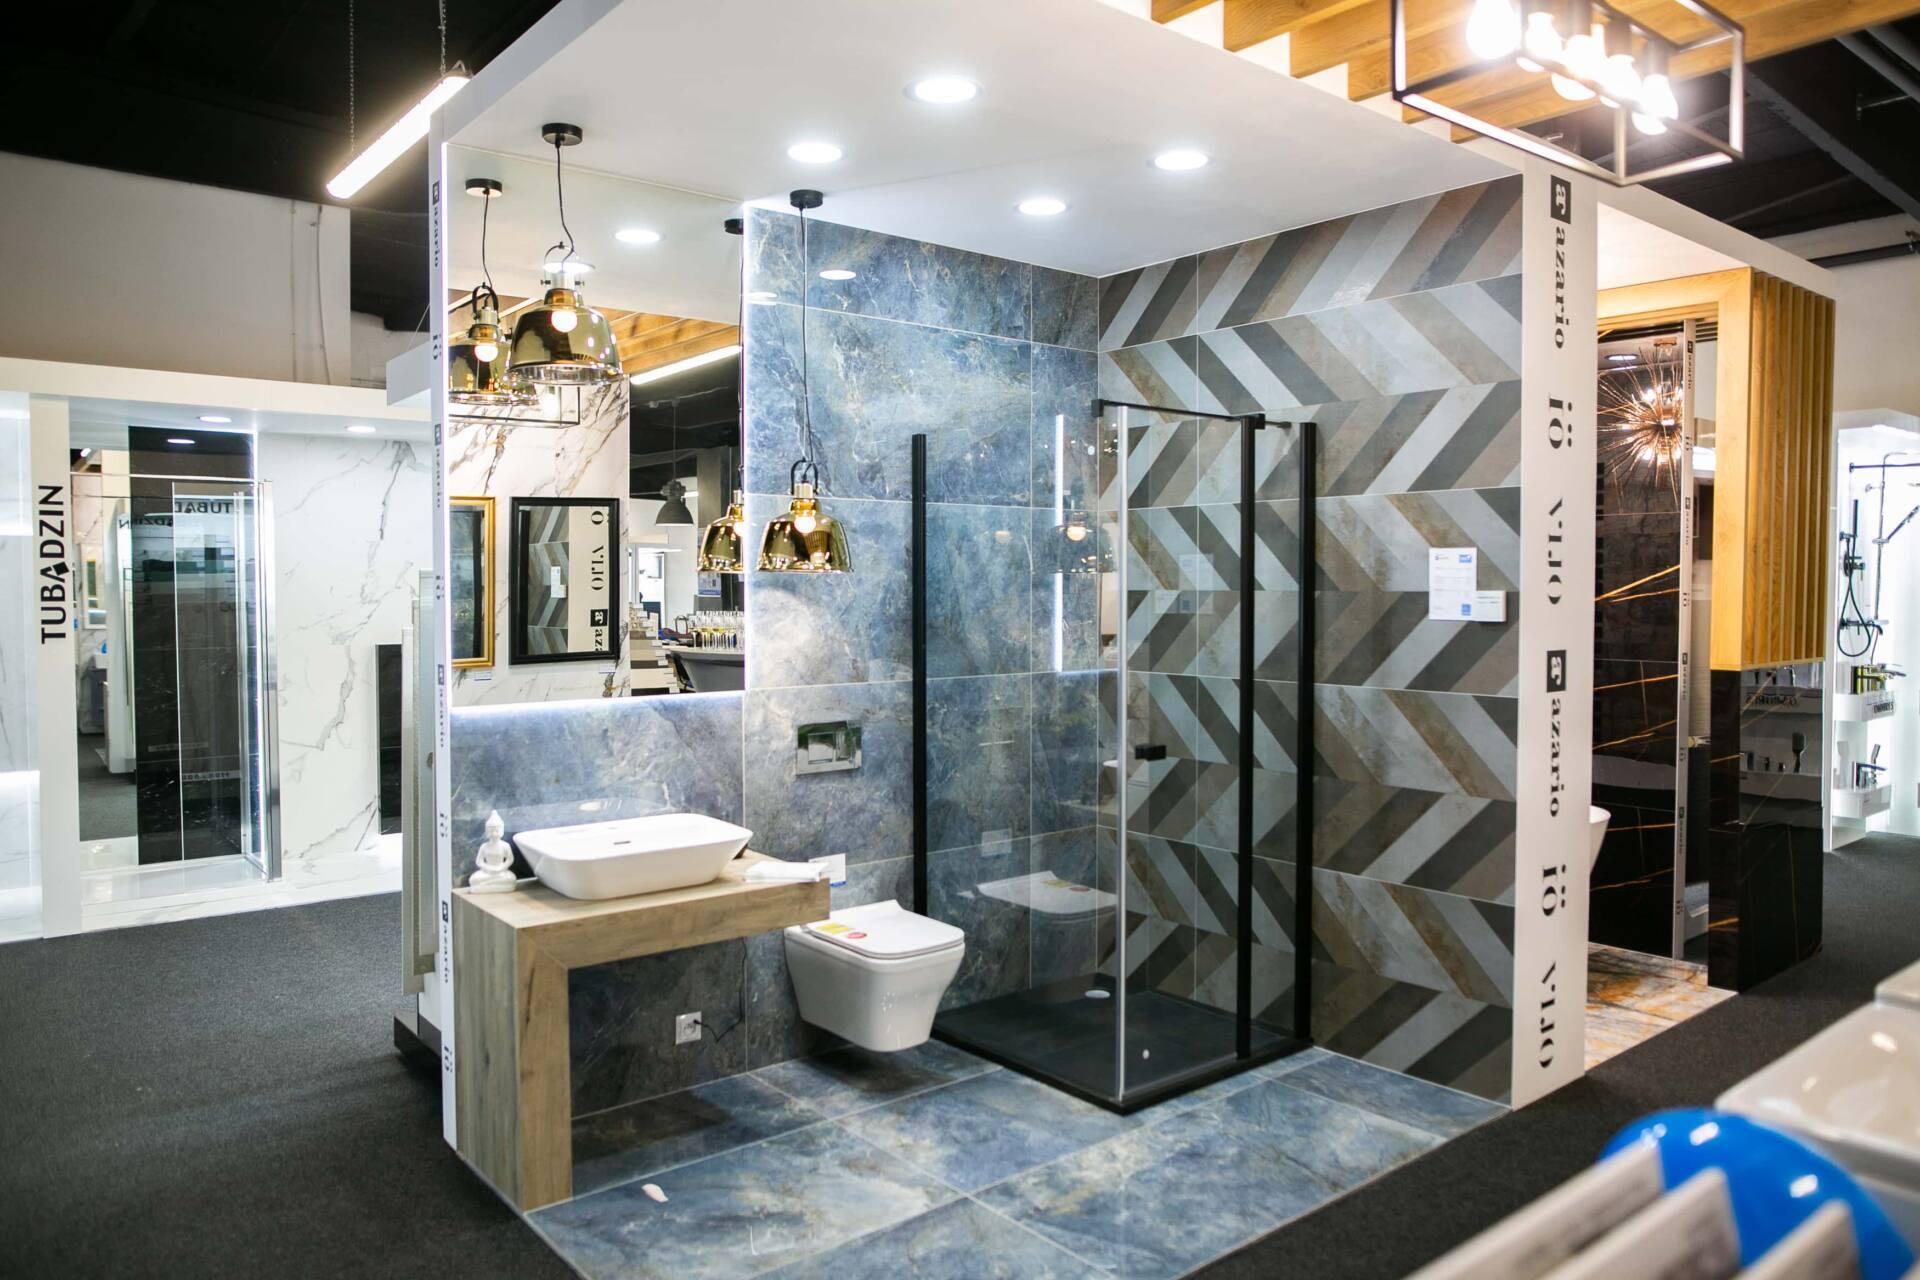 5db 5581 Nowy salon łazienek BLU w Zamościu już otwarty! Publikujemy 80 zdjęć